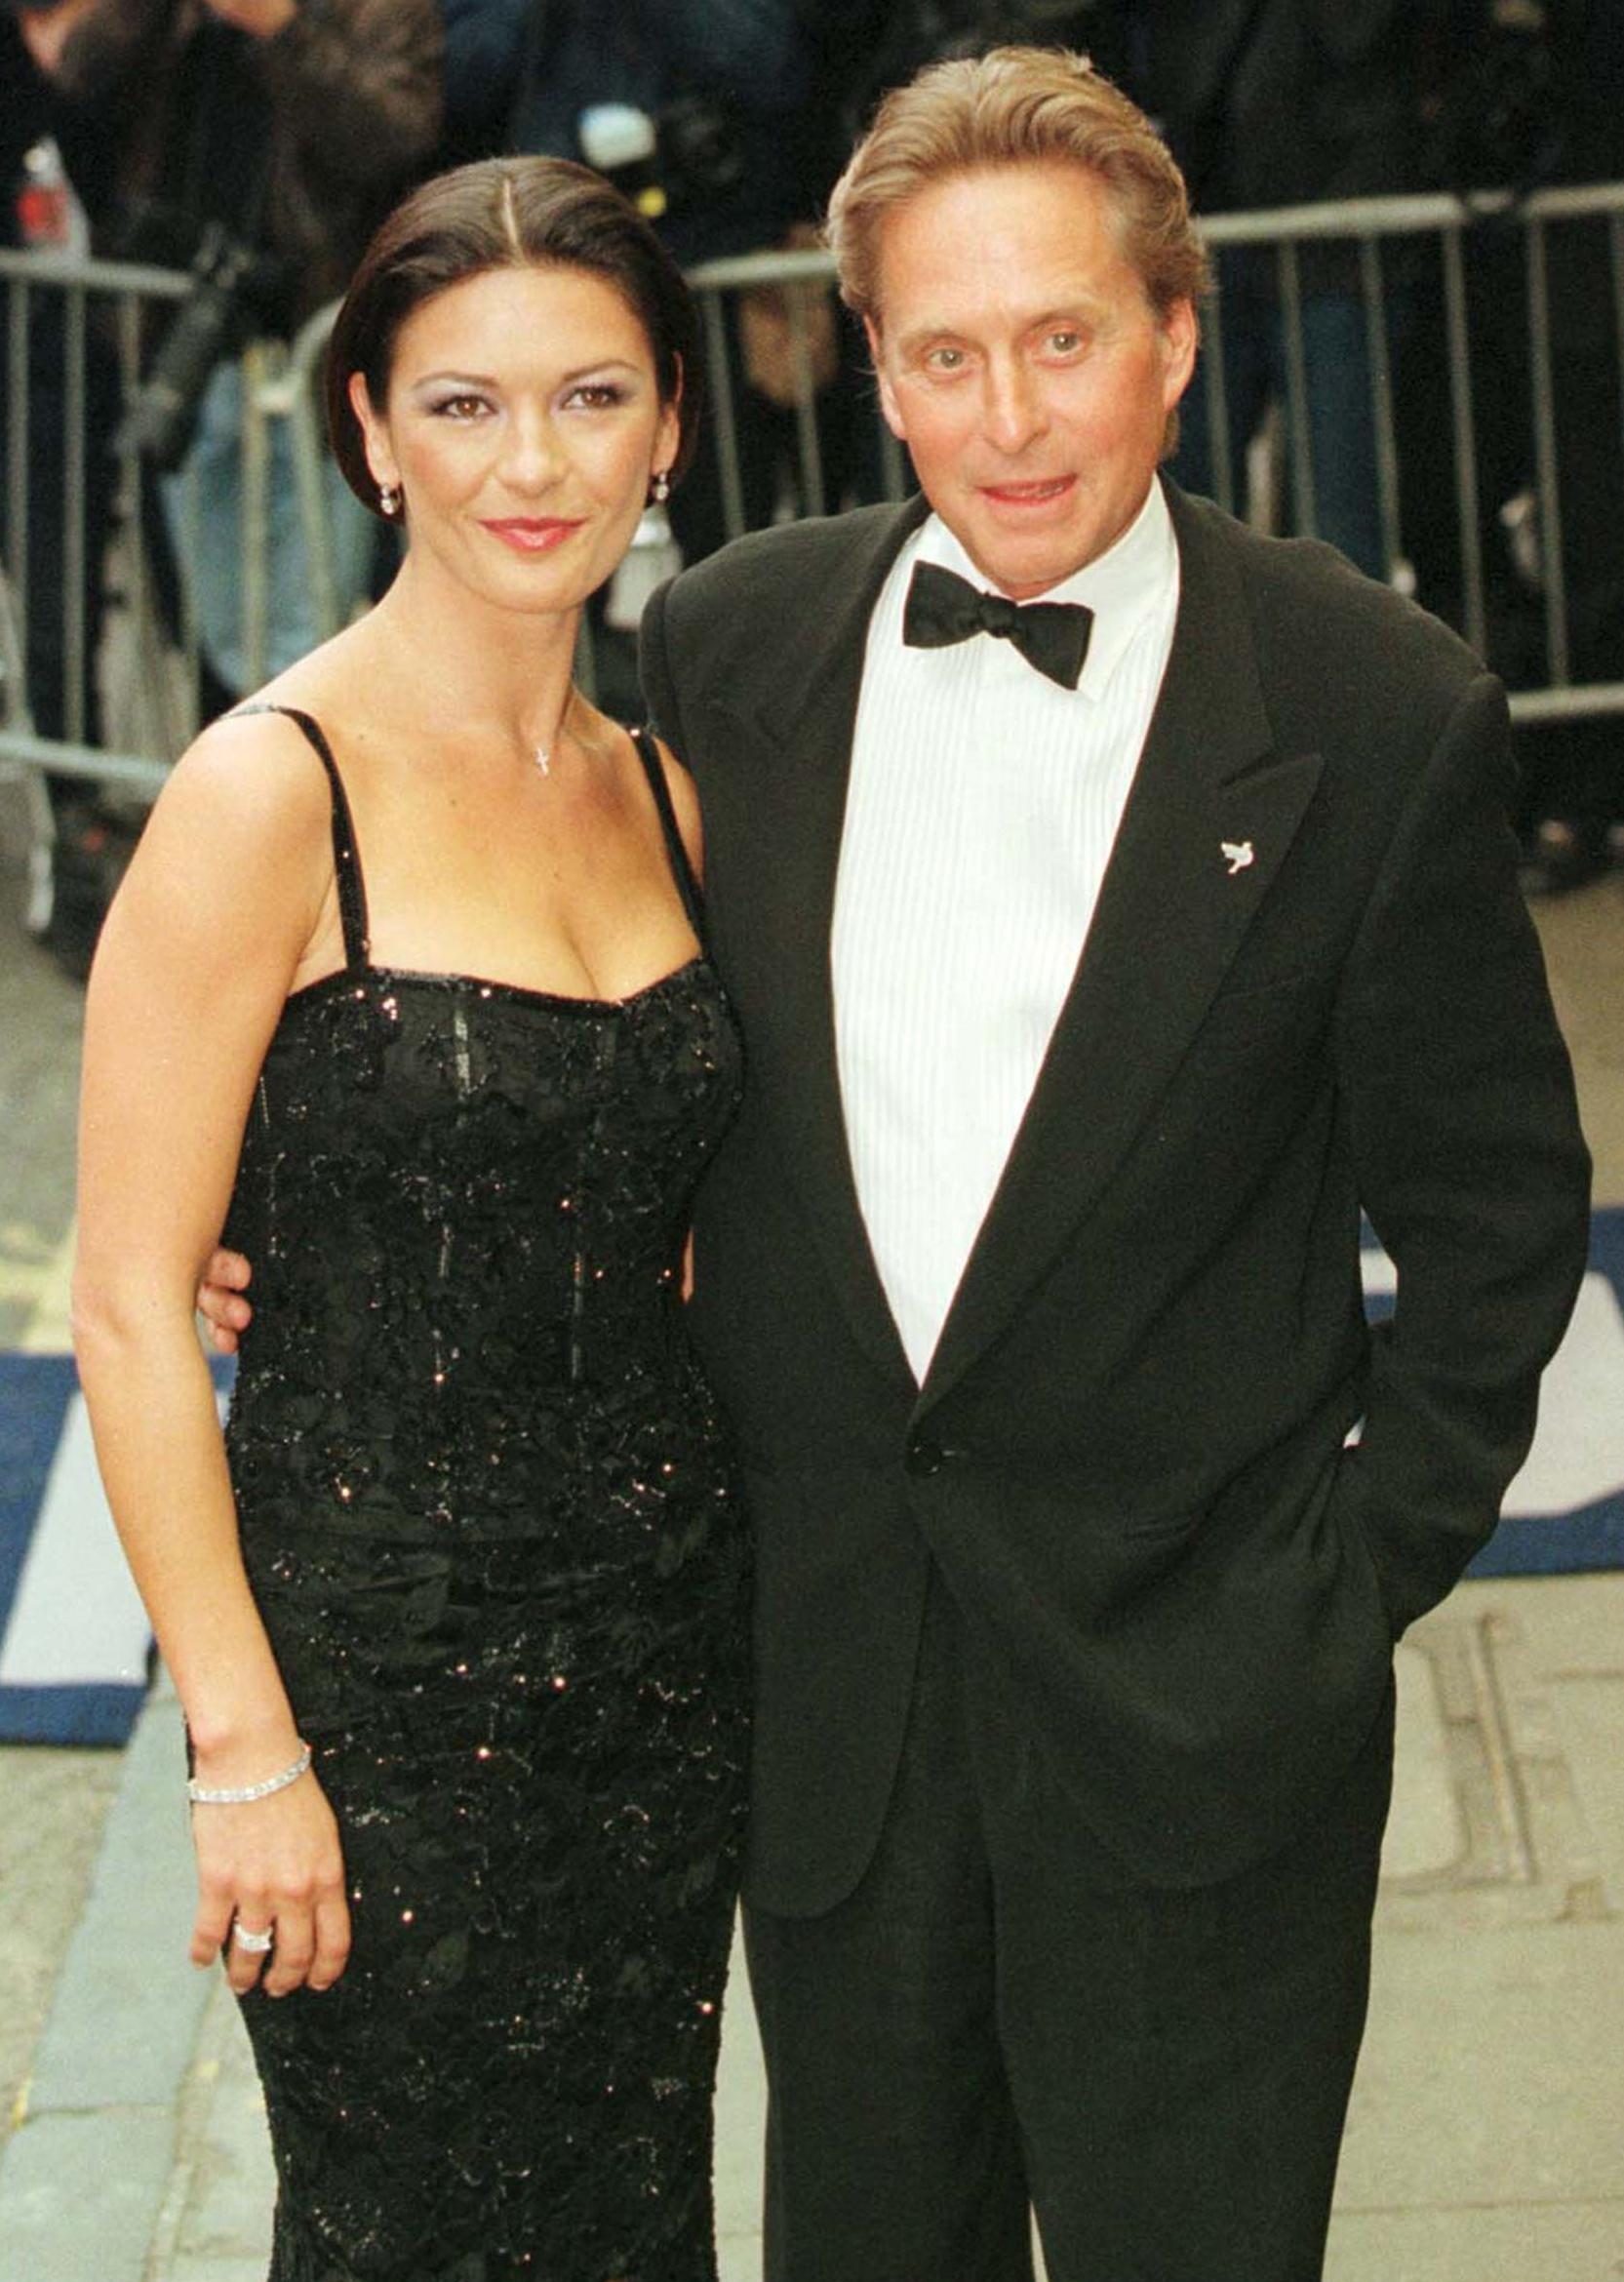 Catherine Zeta Jones and Michael Douglas red carpet